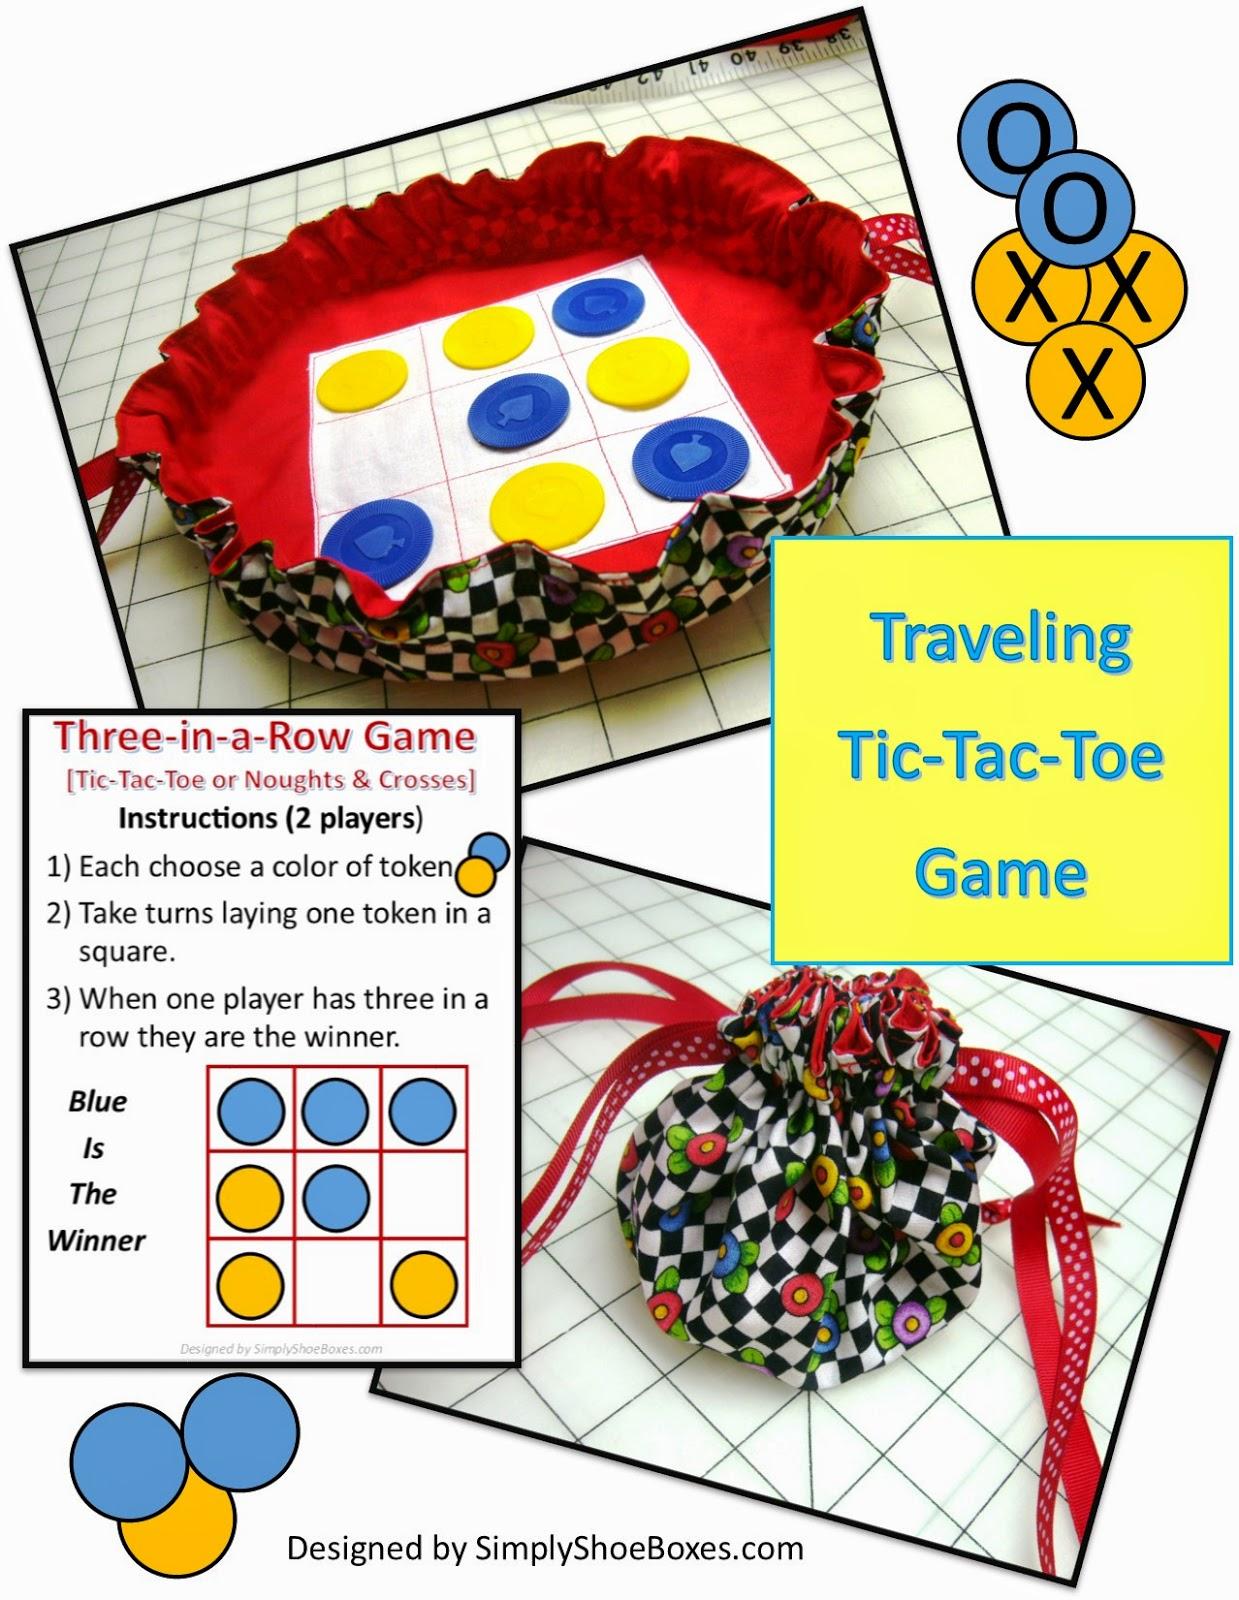 DIY Traveling Tic Tac Toe Game Tutorial